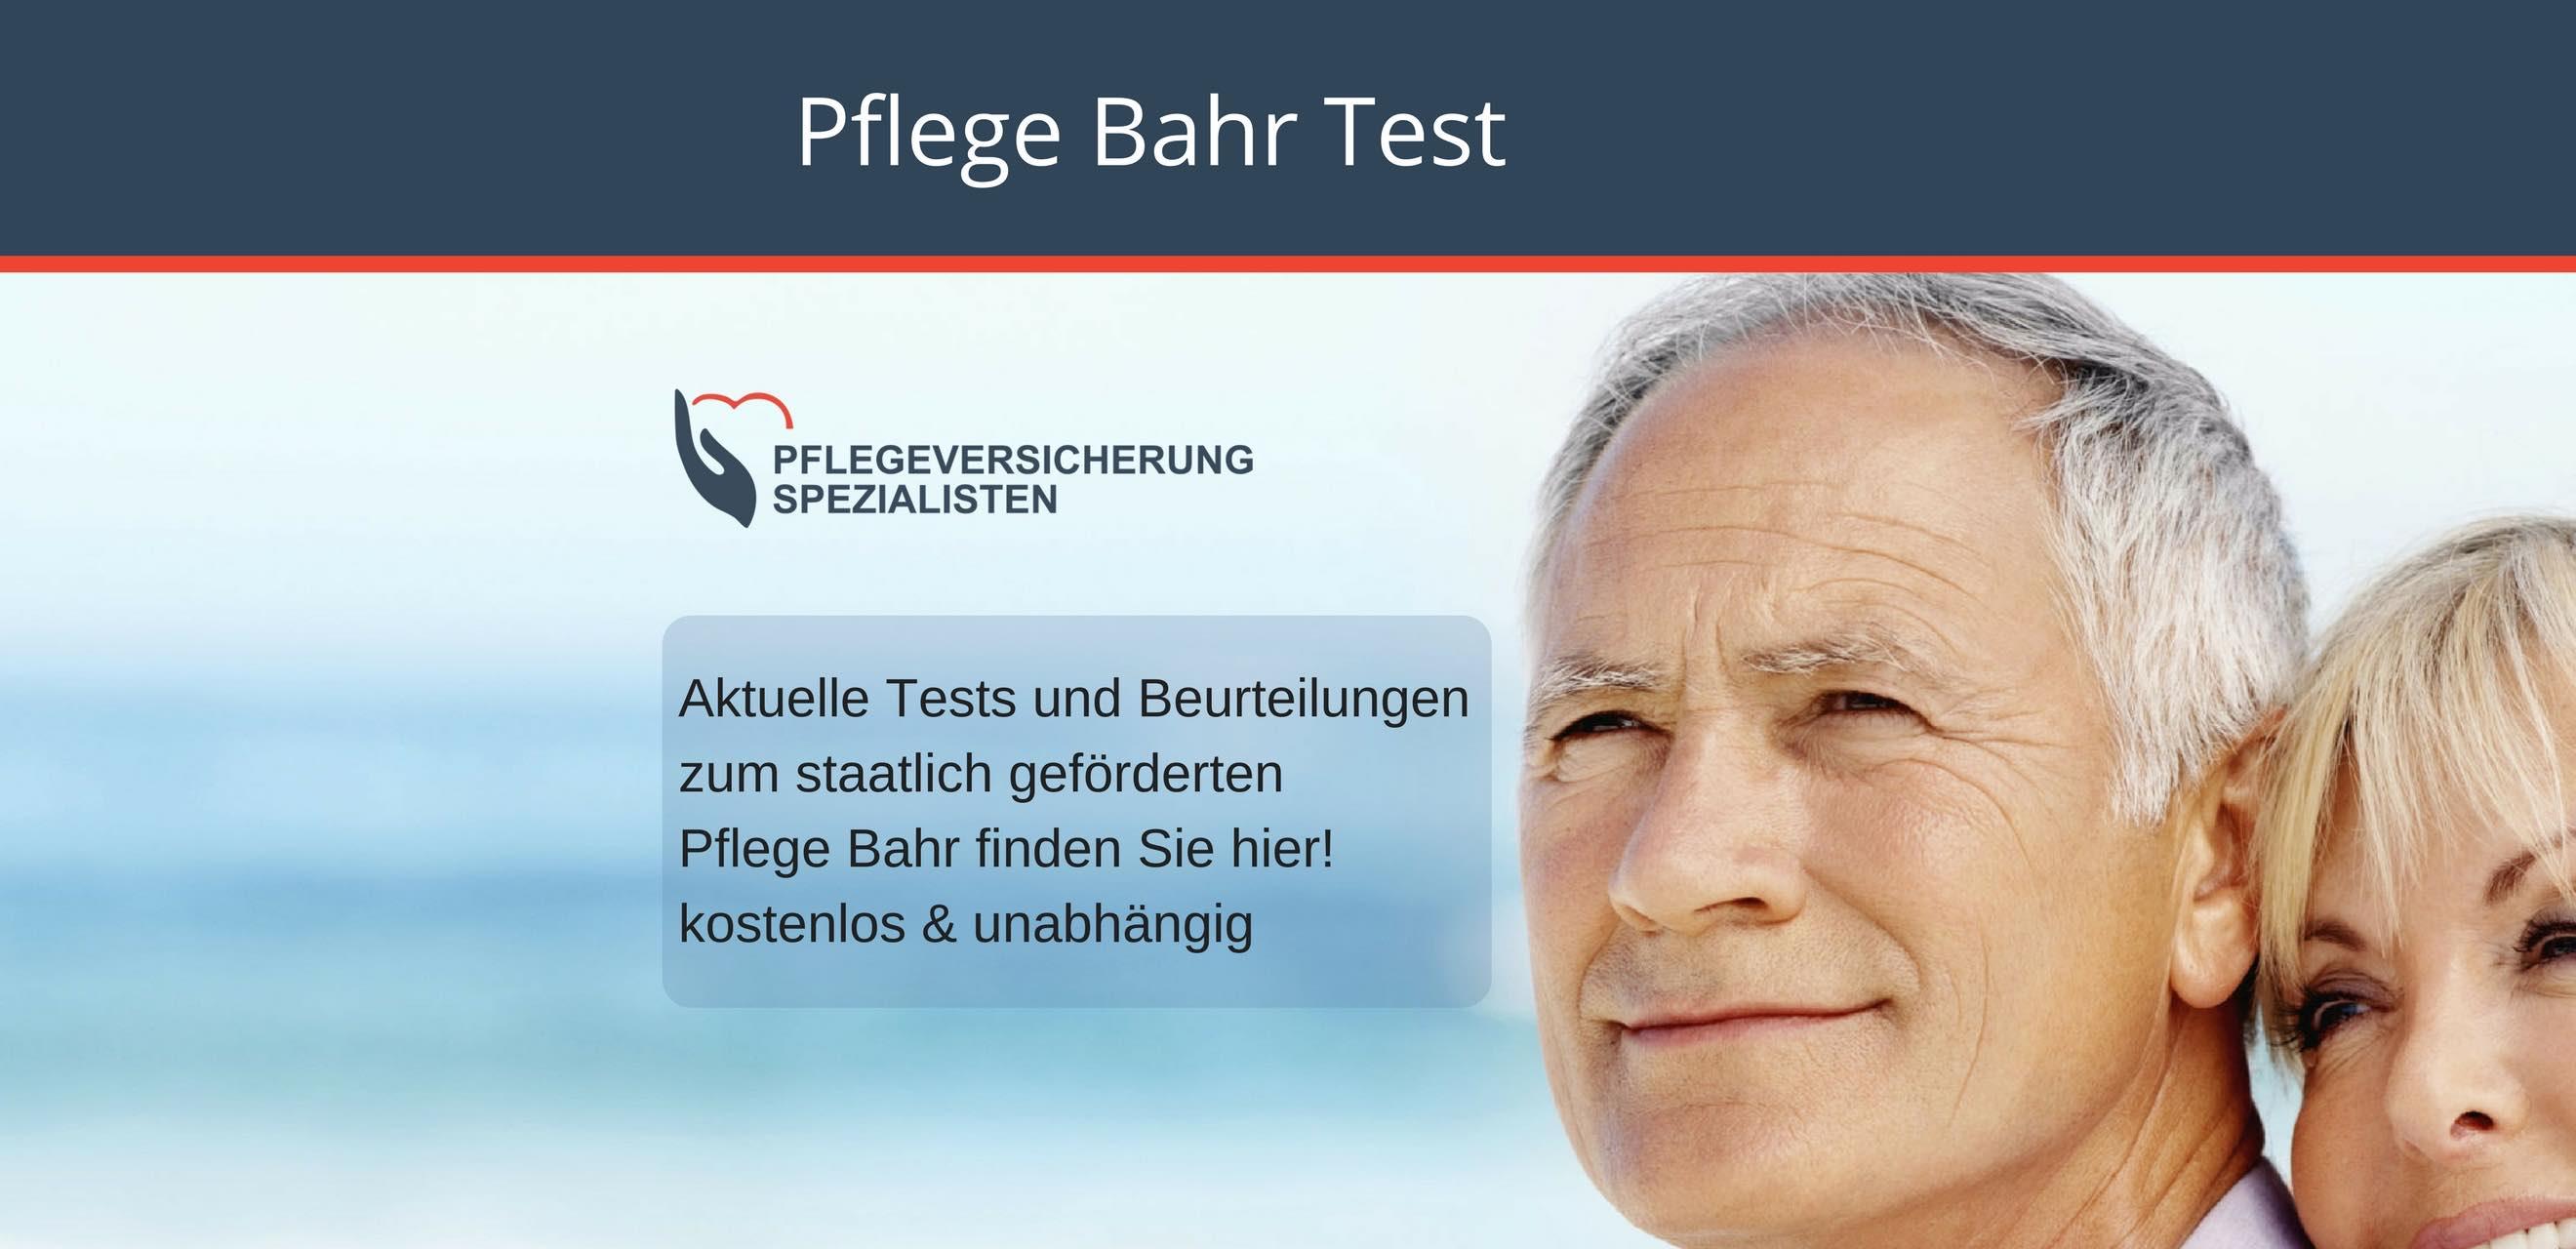 Die Pflegeversicherung Spezialisten informieren : Aktuelle Pflege Bahr Test 2017